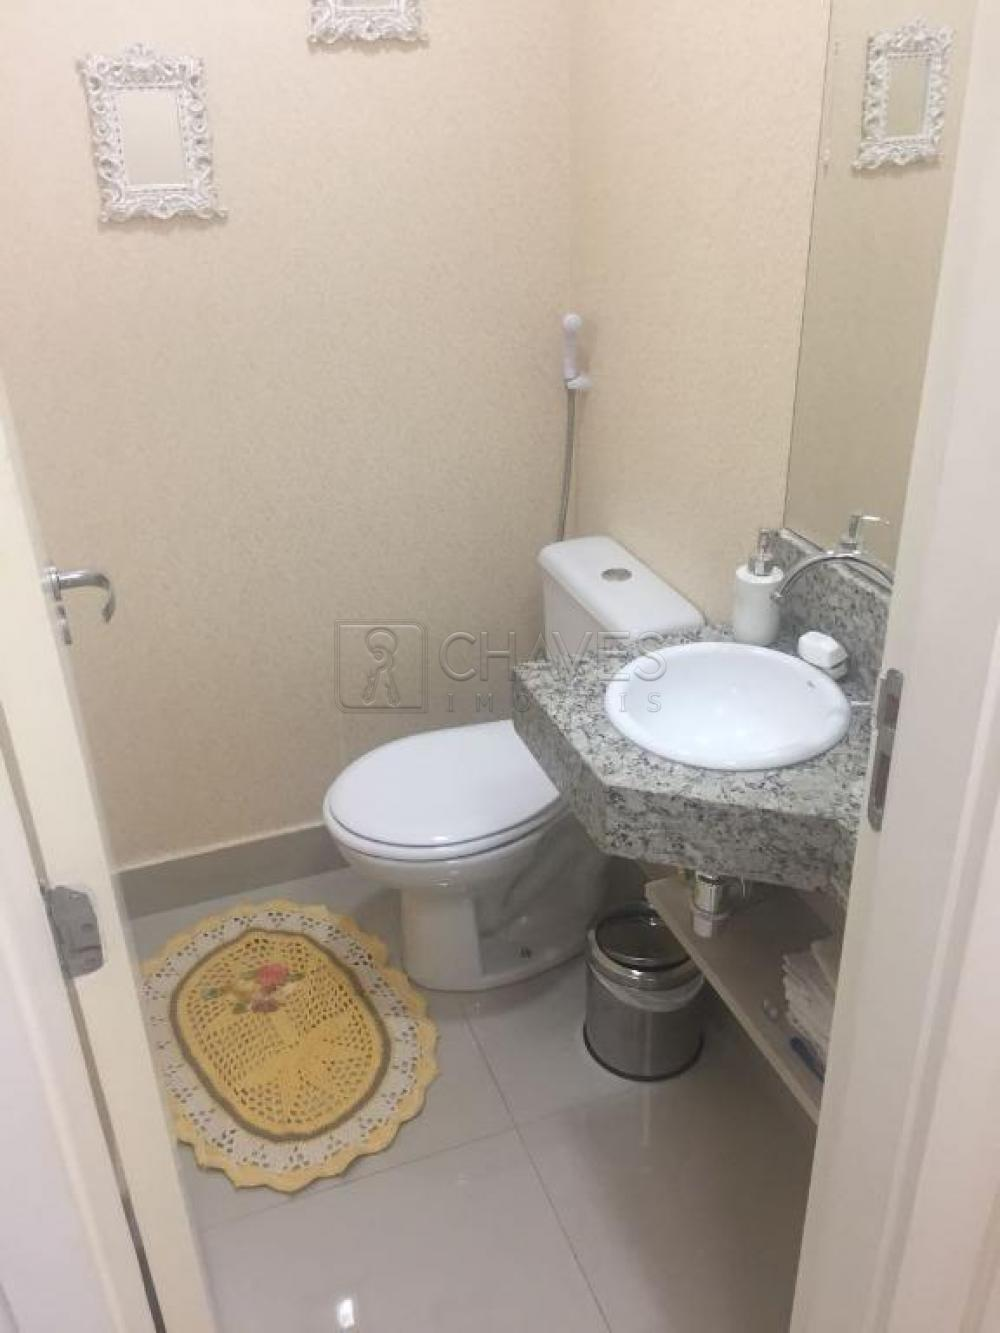 Comprar Apartamento / Padrão em Ribeirão Preto apenas R$ 580.000,00 - Foto 7